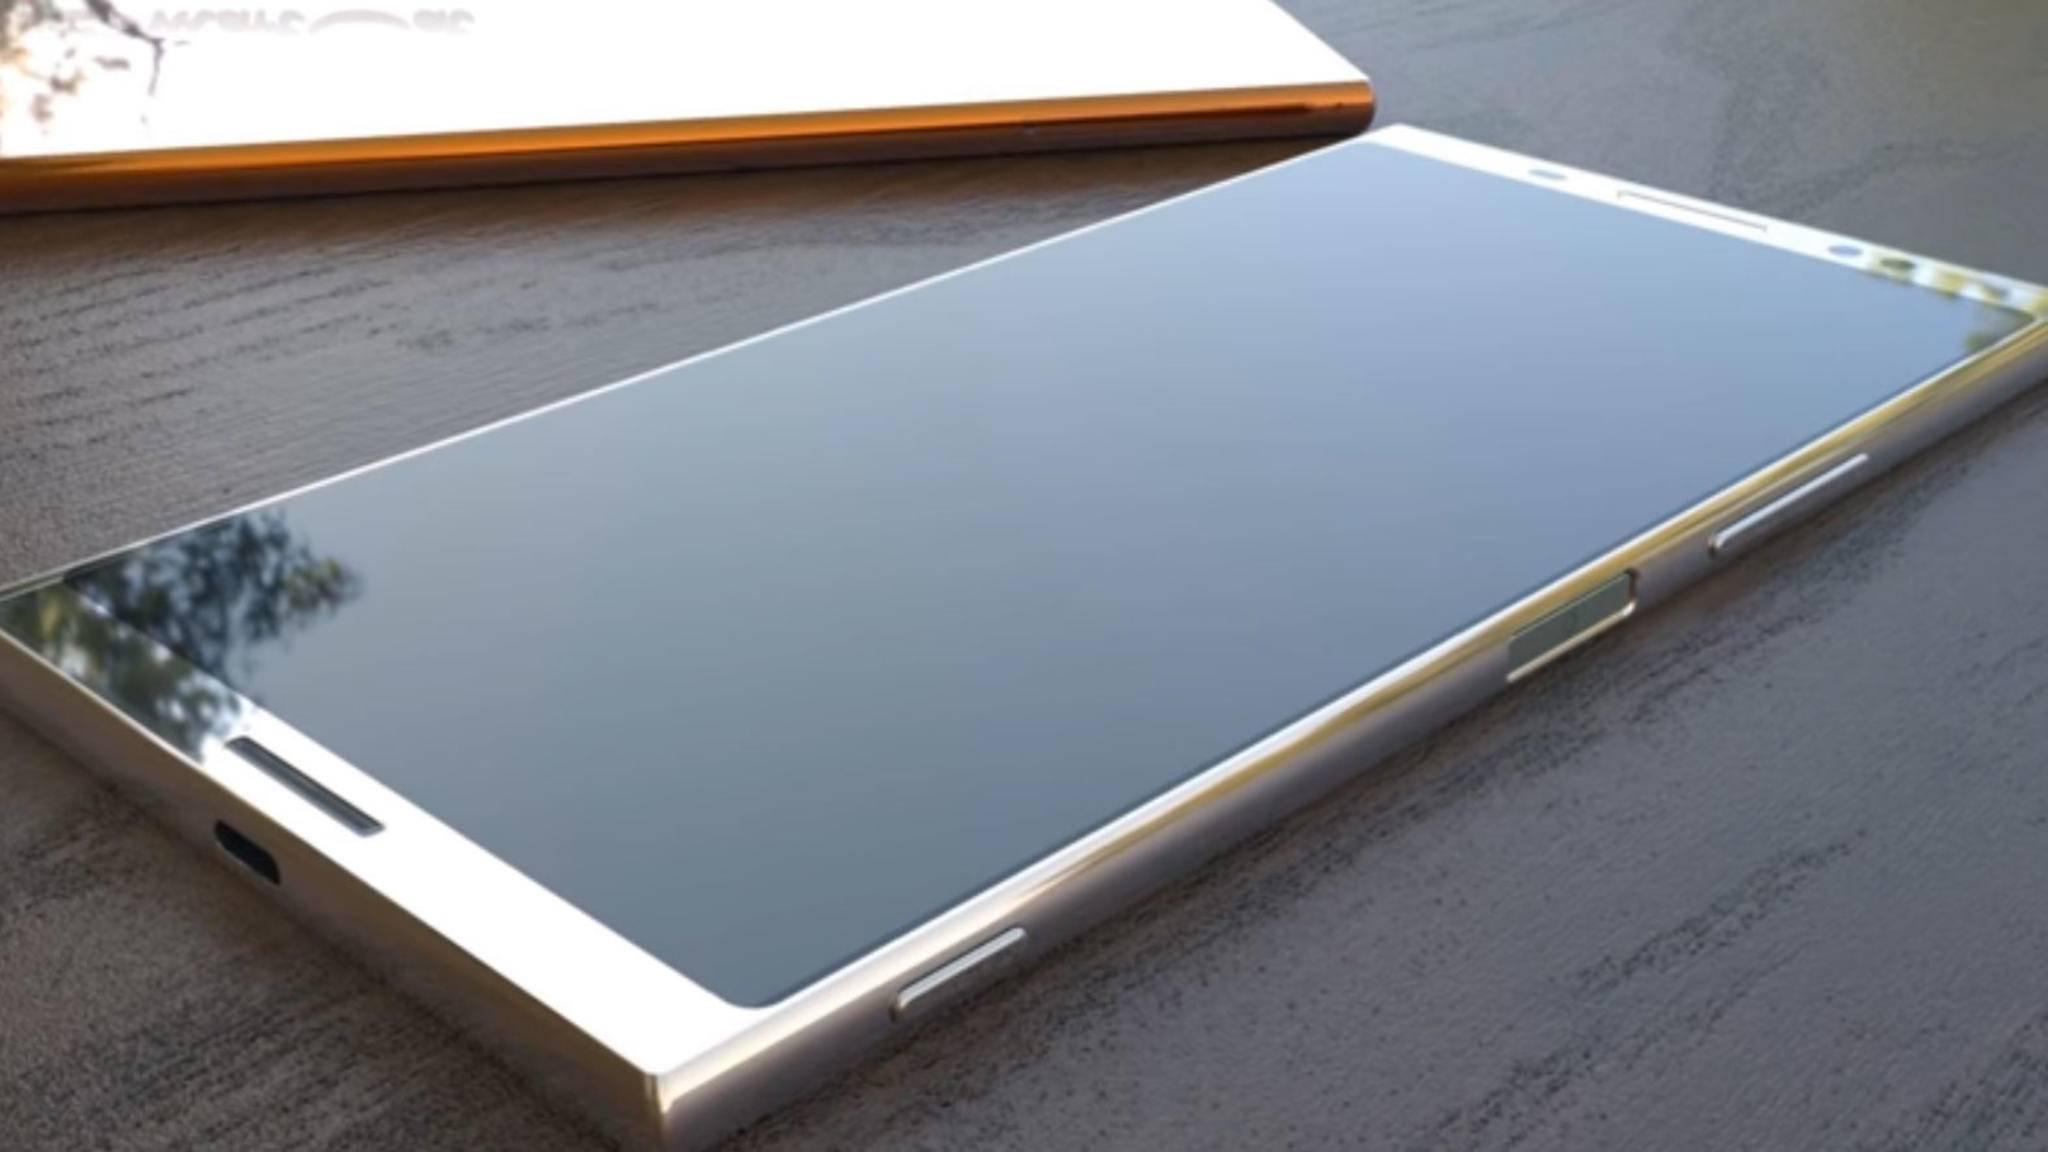 Die neuen Sony-Smartphones bieten wohl ein 18:9-Format und kleinere Displayränder.